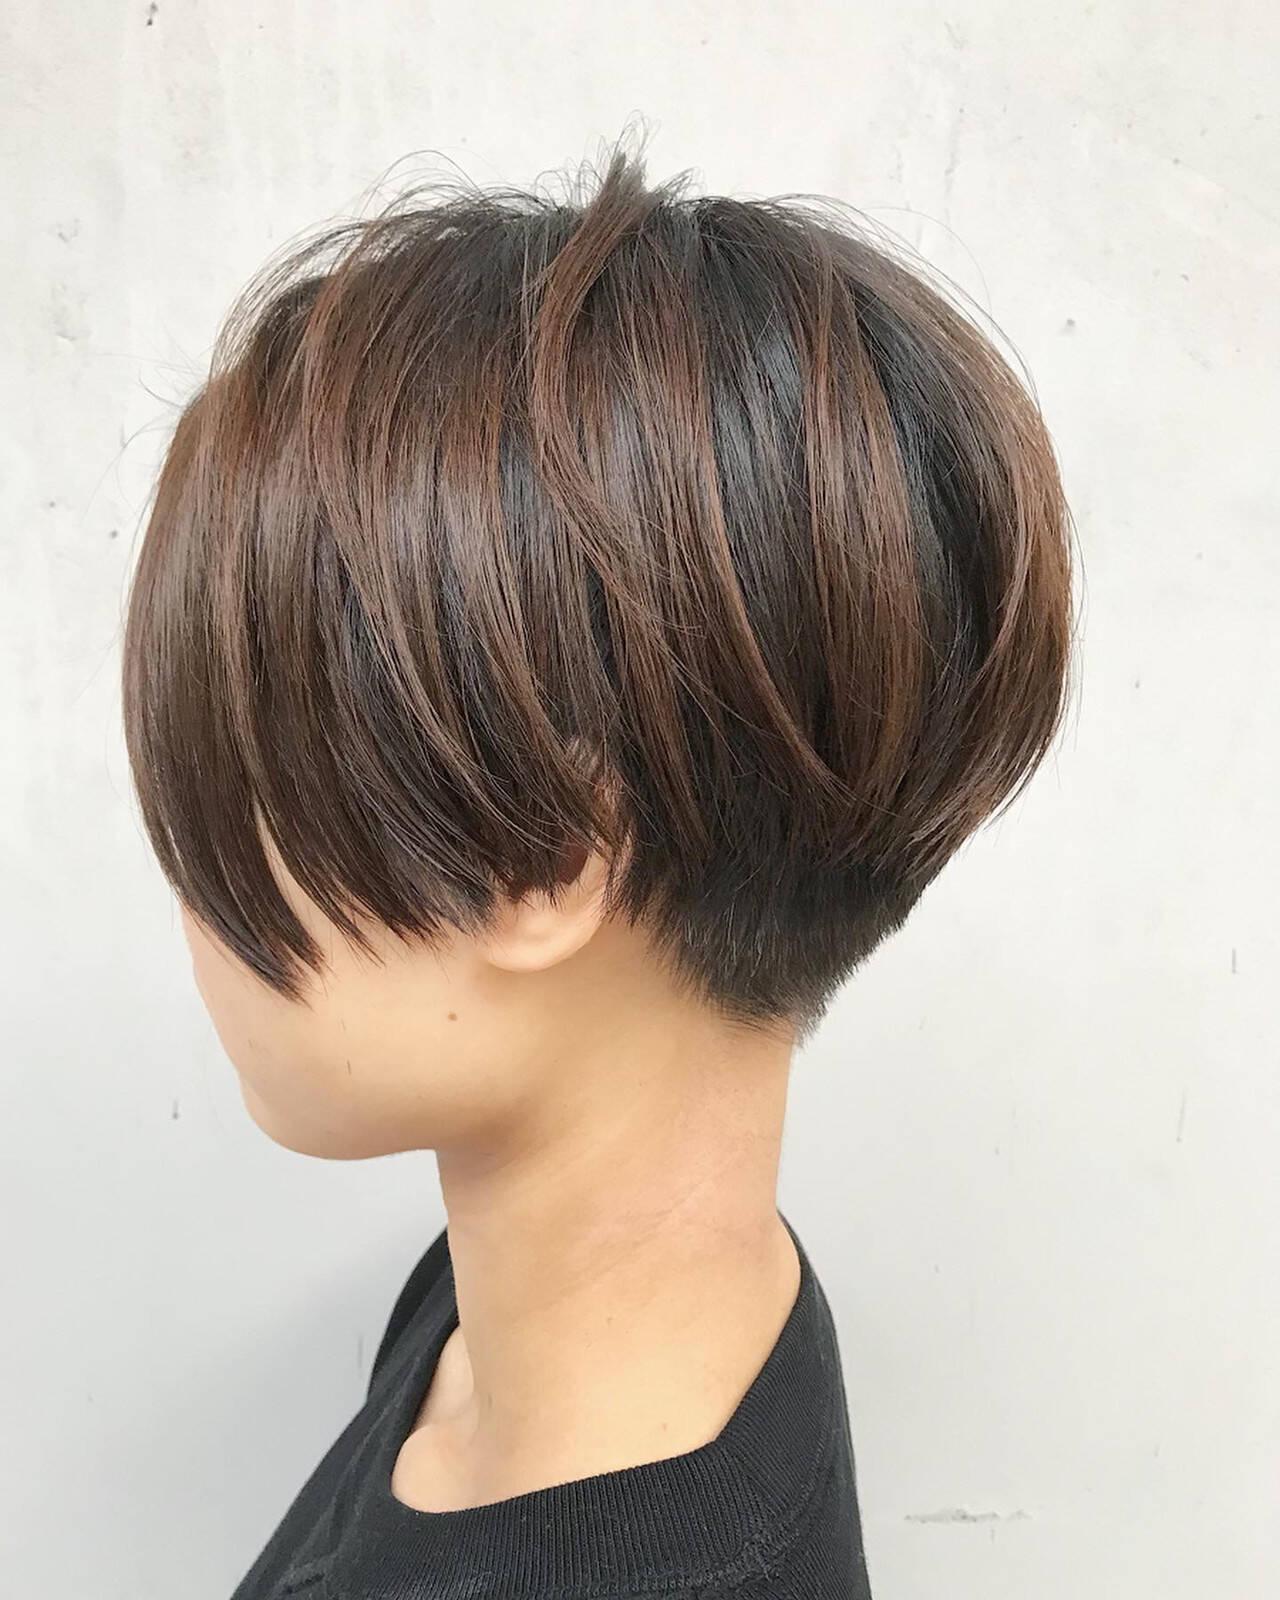 ベリーショート 小顔ショート 刈り上げ 刈り上げショートヘアスタイルや髪型の写真・画像